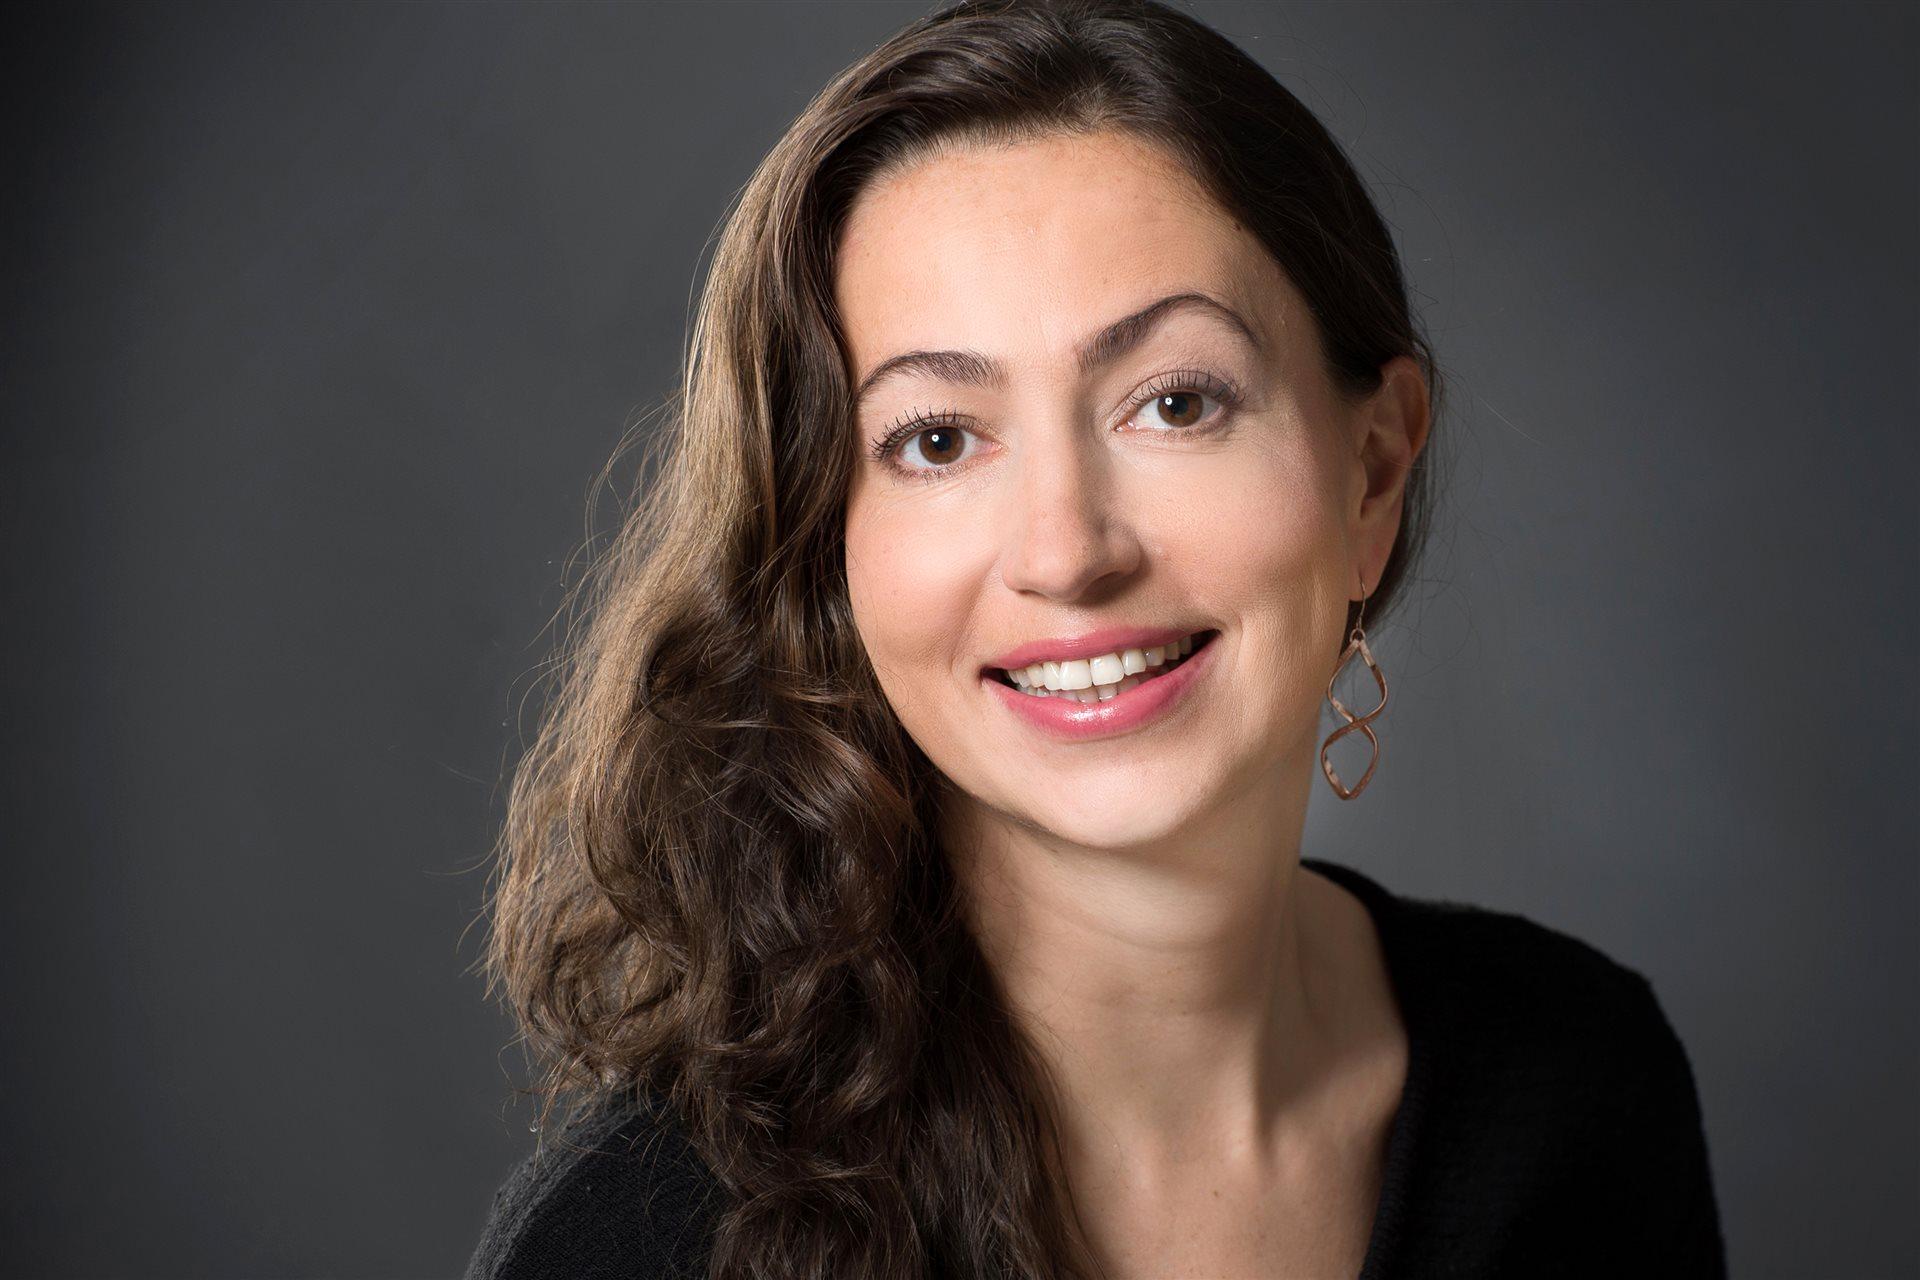 Anna Erxleben